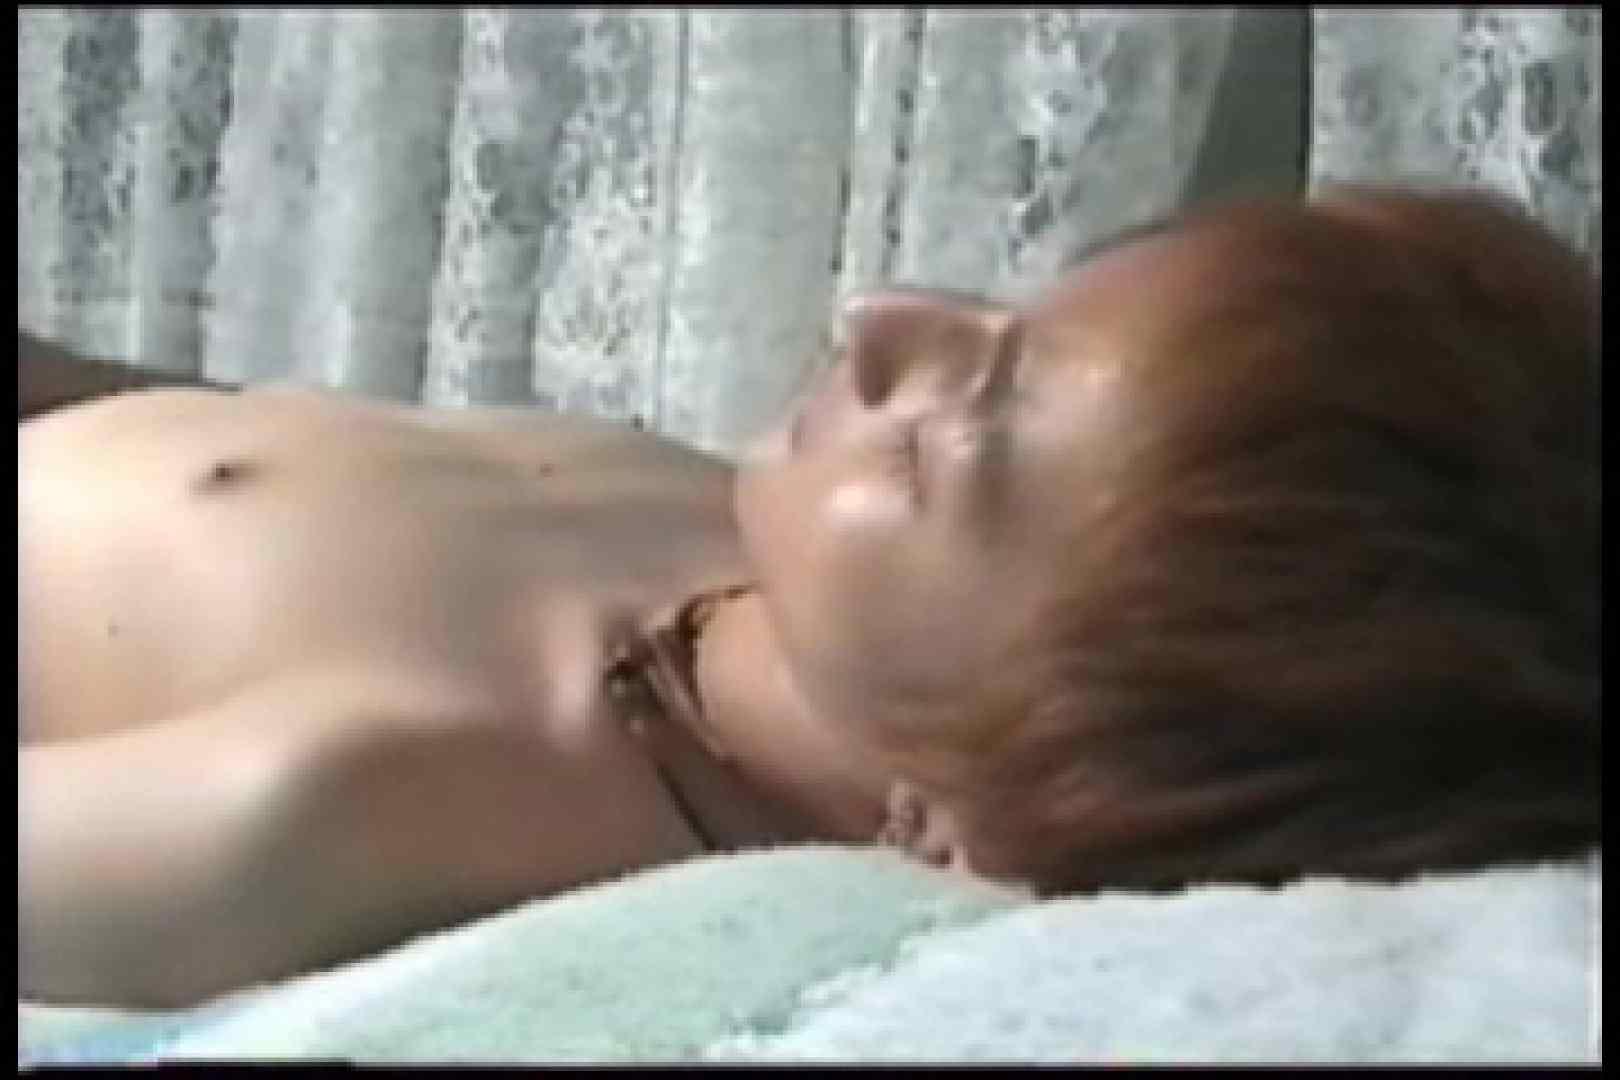 【流出】アイドルを目指したジャニ系イケメンの過去 メンズ流出映像 ペニス画像 70画像 54